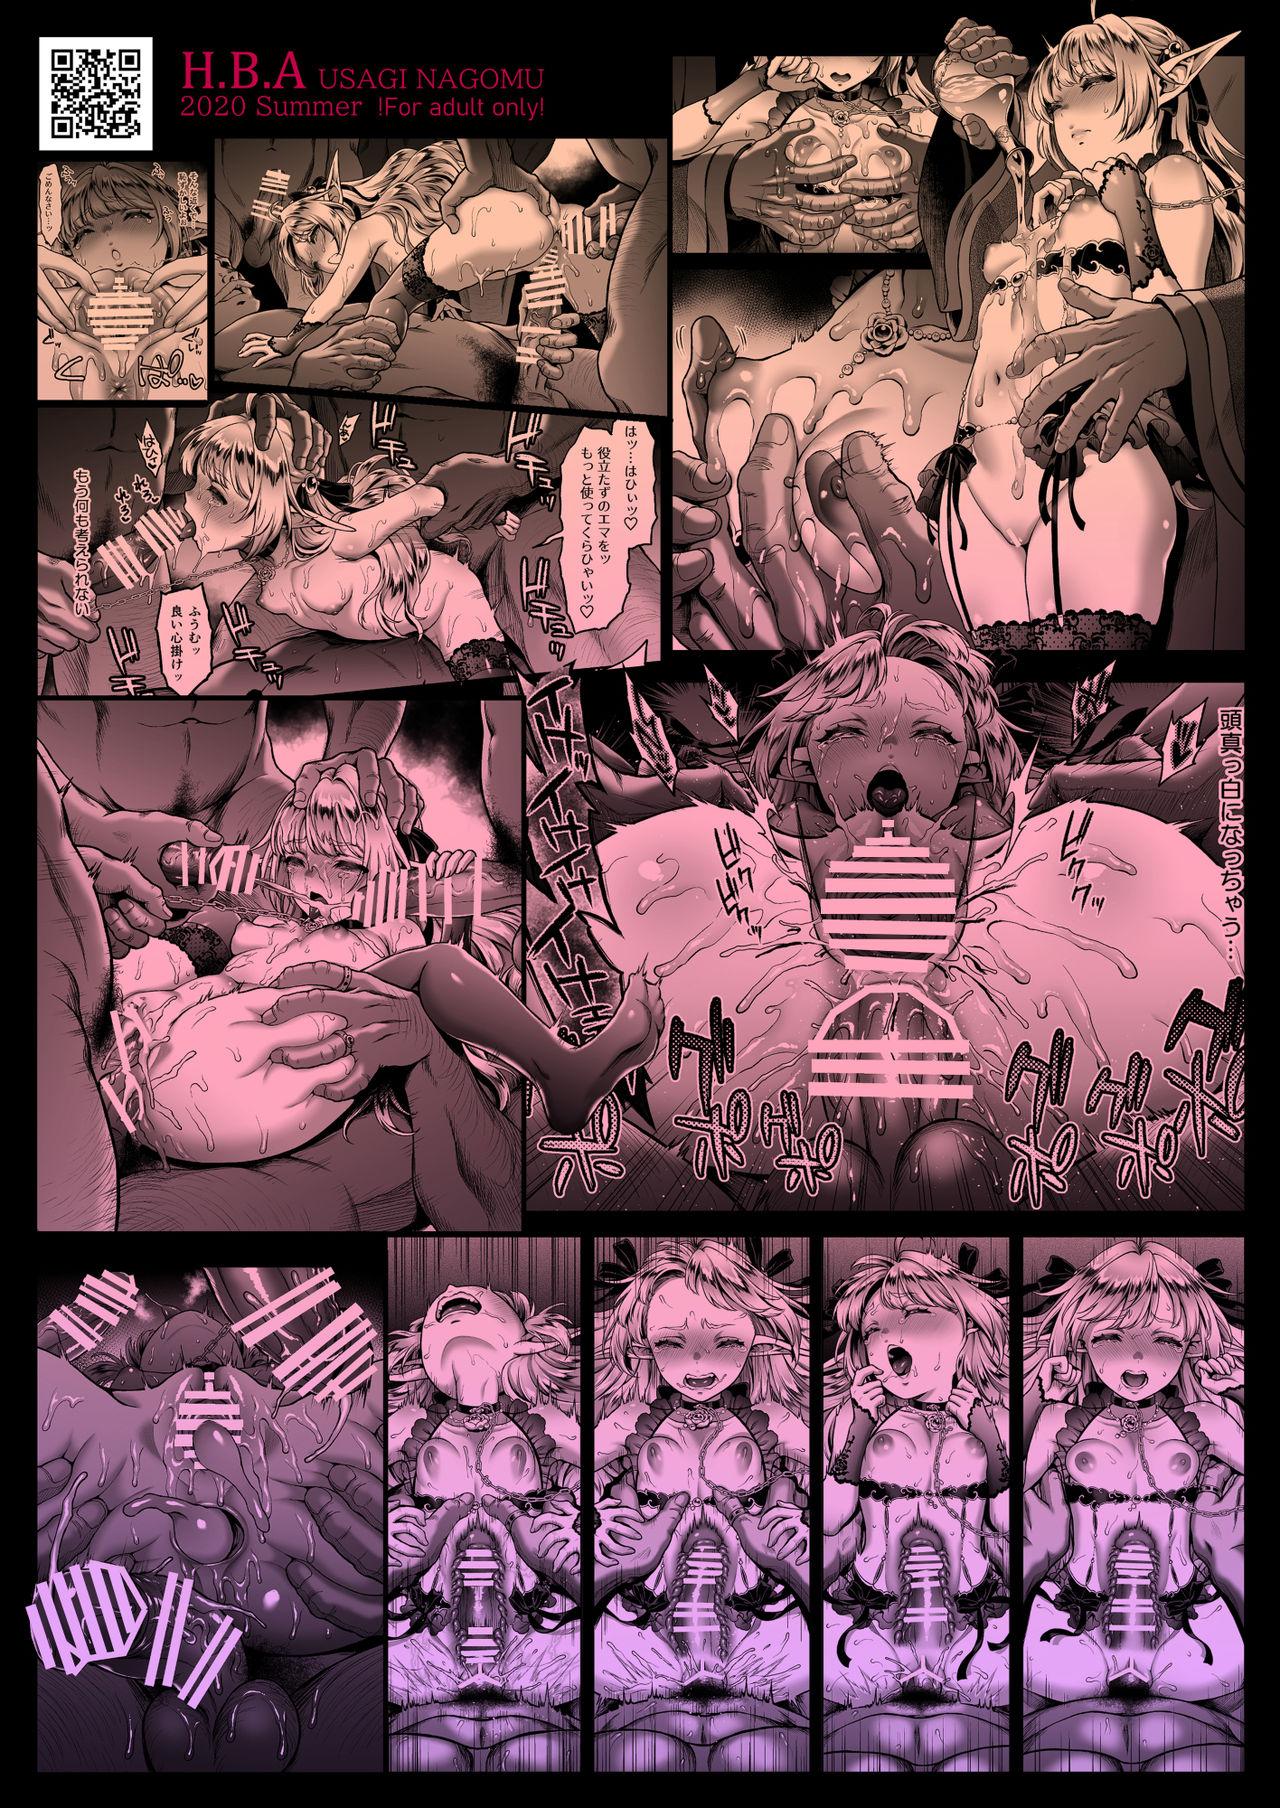 สิ้นศักดิ์ศรีโสเภณีไฮเอลฟ์ 6 - เนื้อเรื่องของเอ็มม่า ภาพ 34